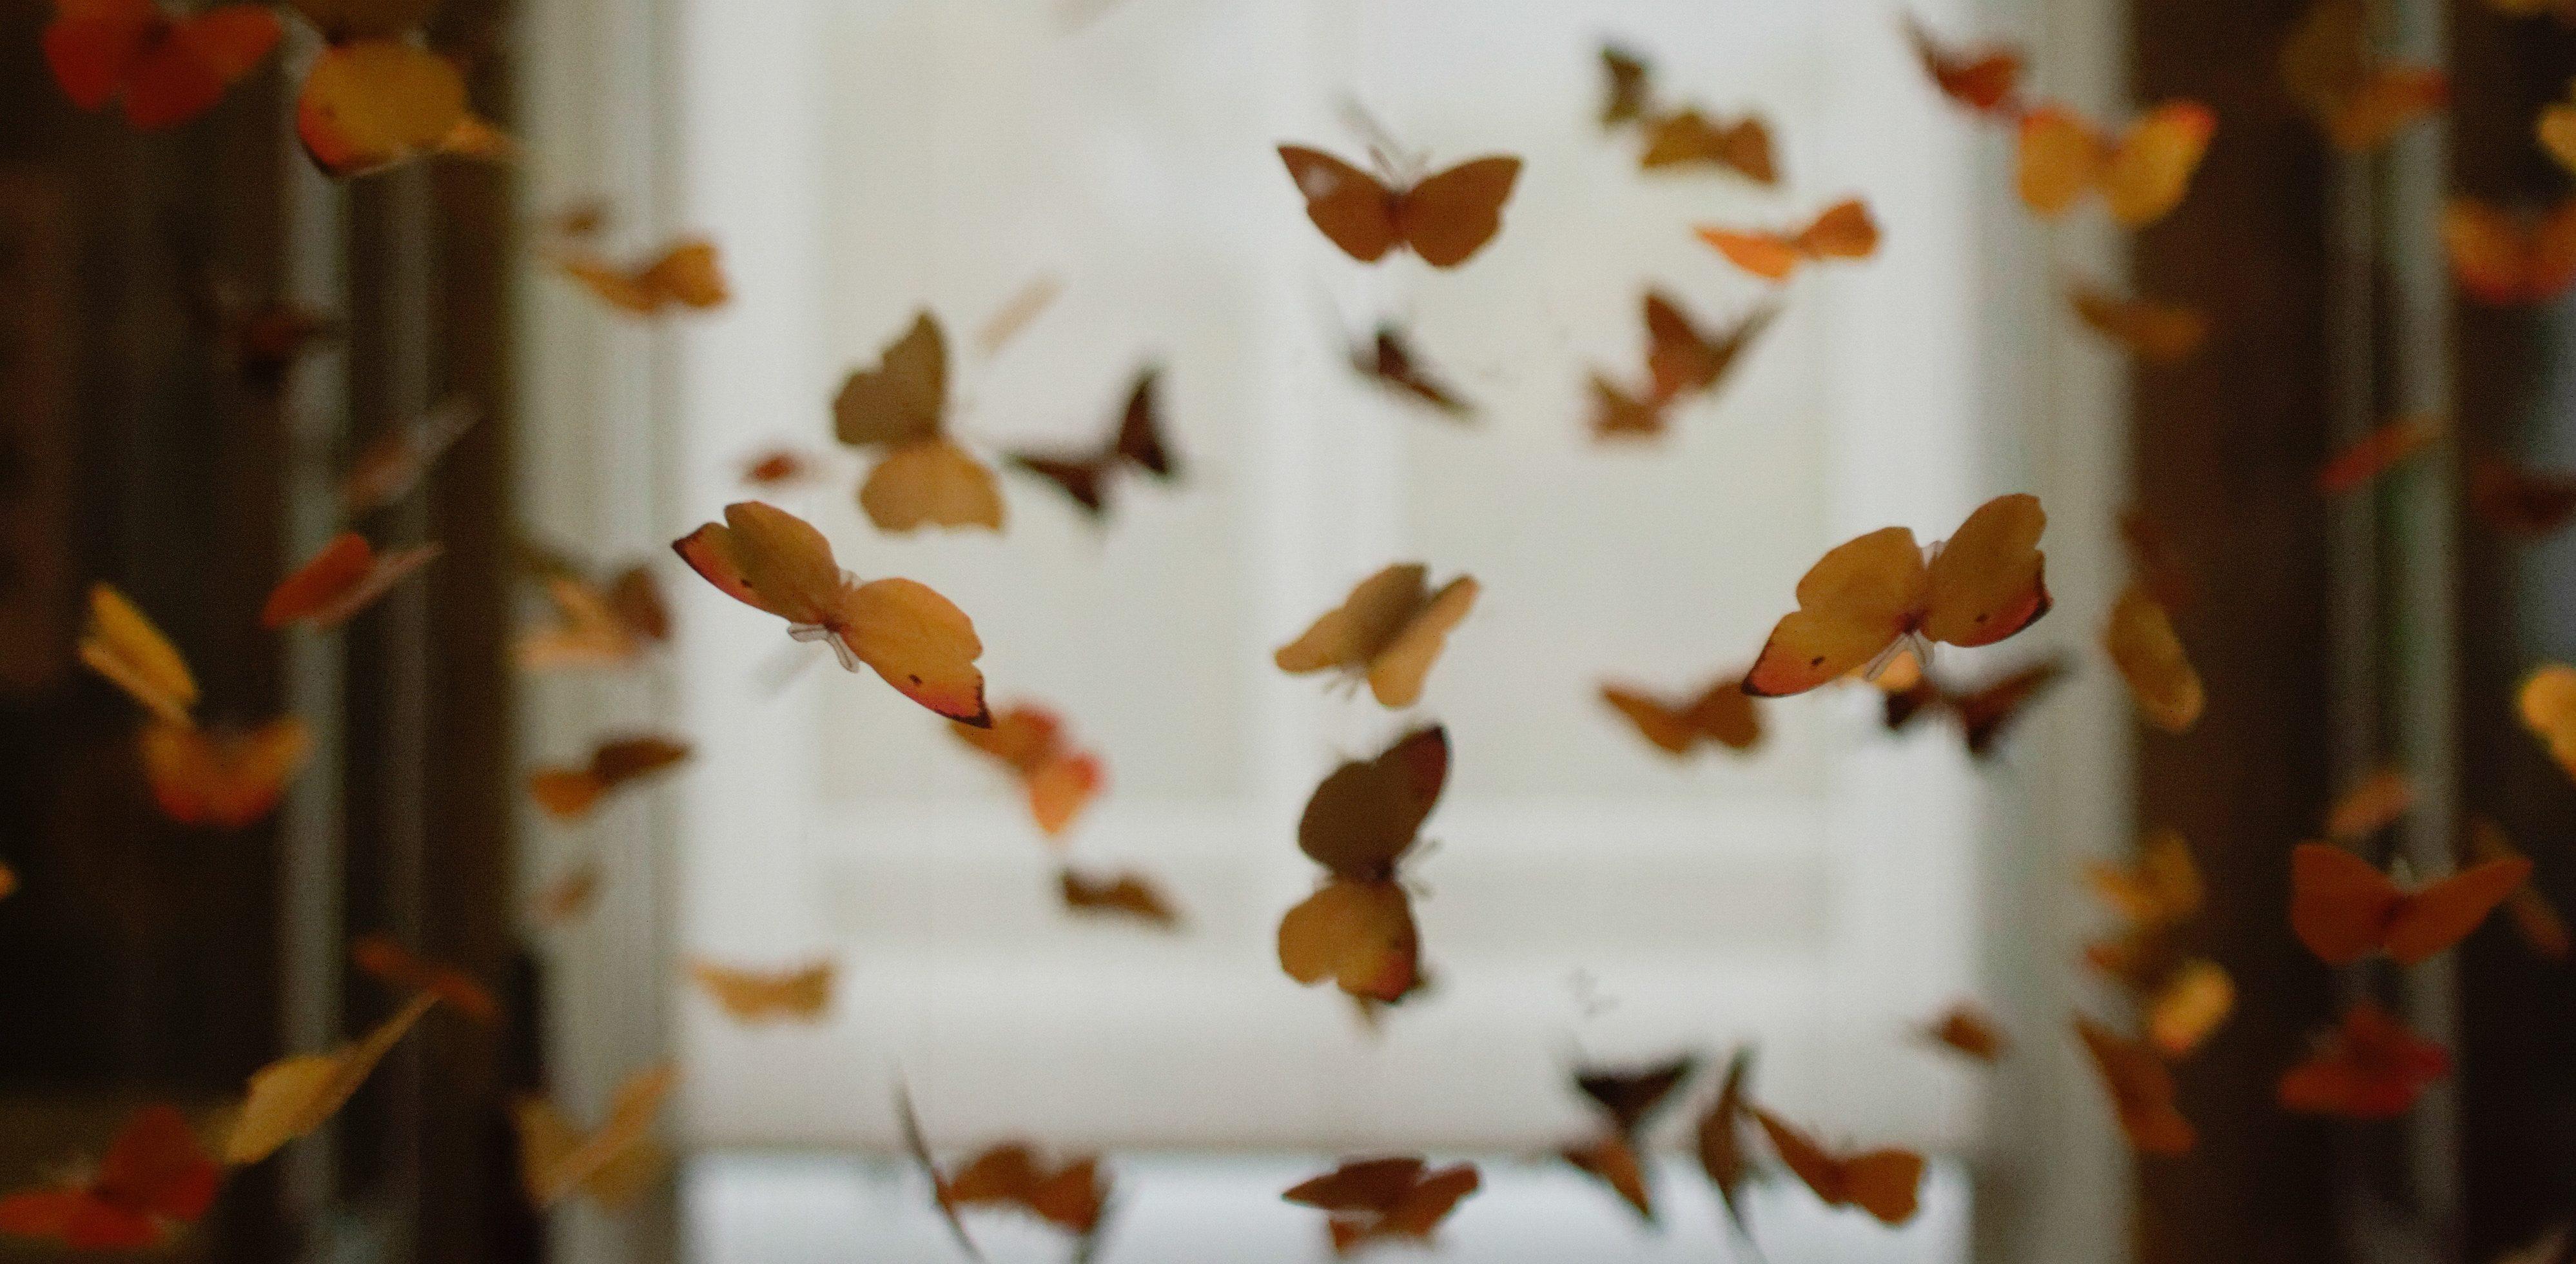 Touching Butterflies by Ronda Redmond